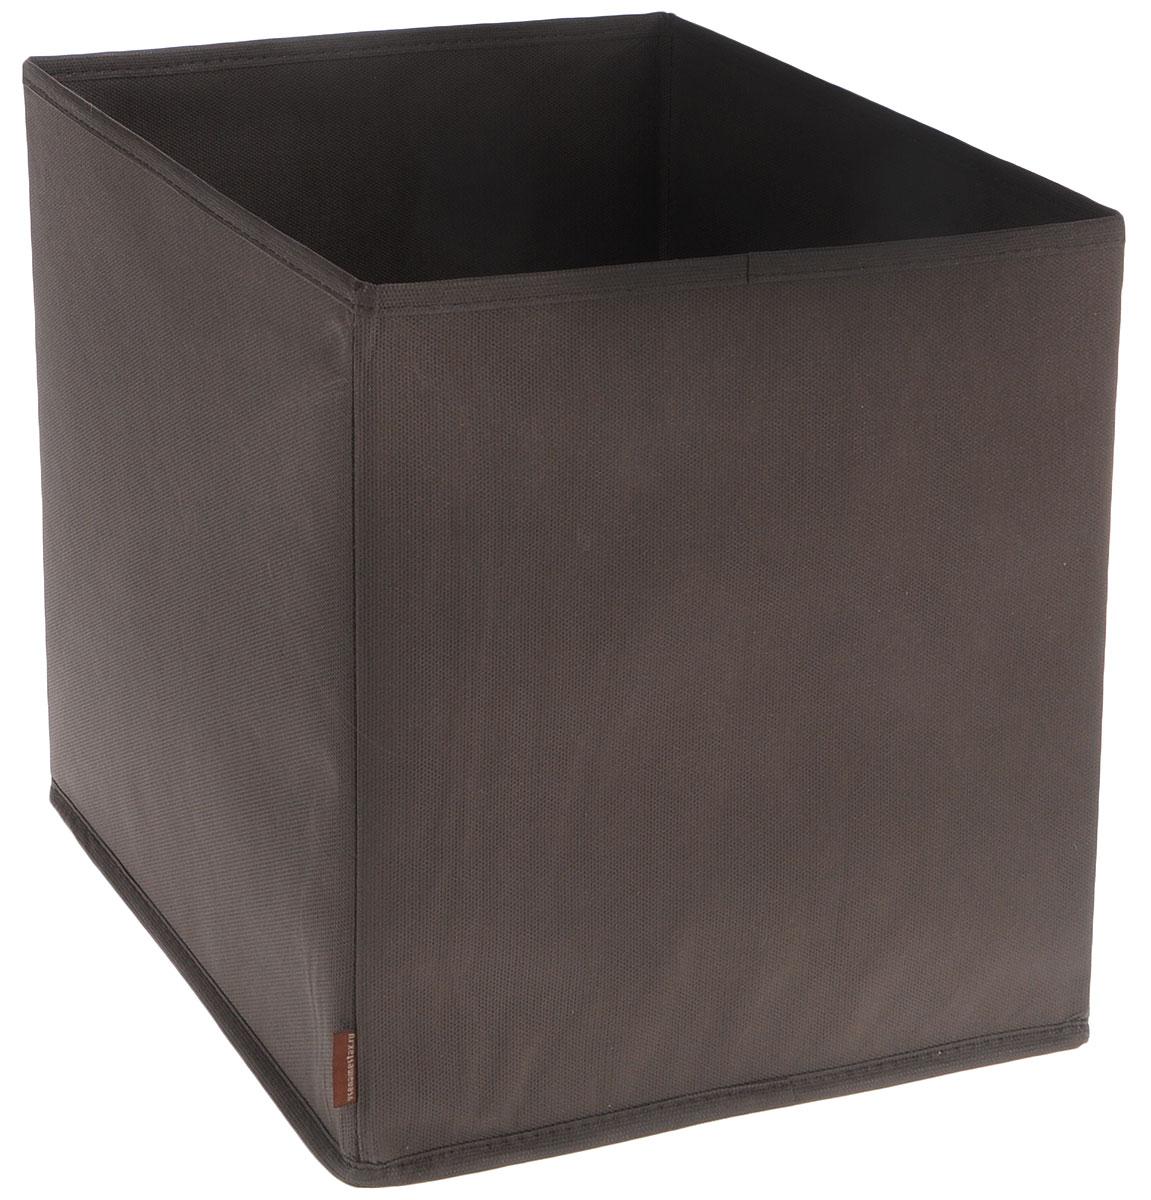 Коробка для вещей и игрушек Все на местах Minimalistic, 30 x 30 x 30 см1015037.